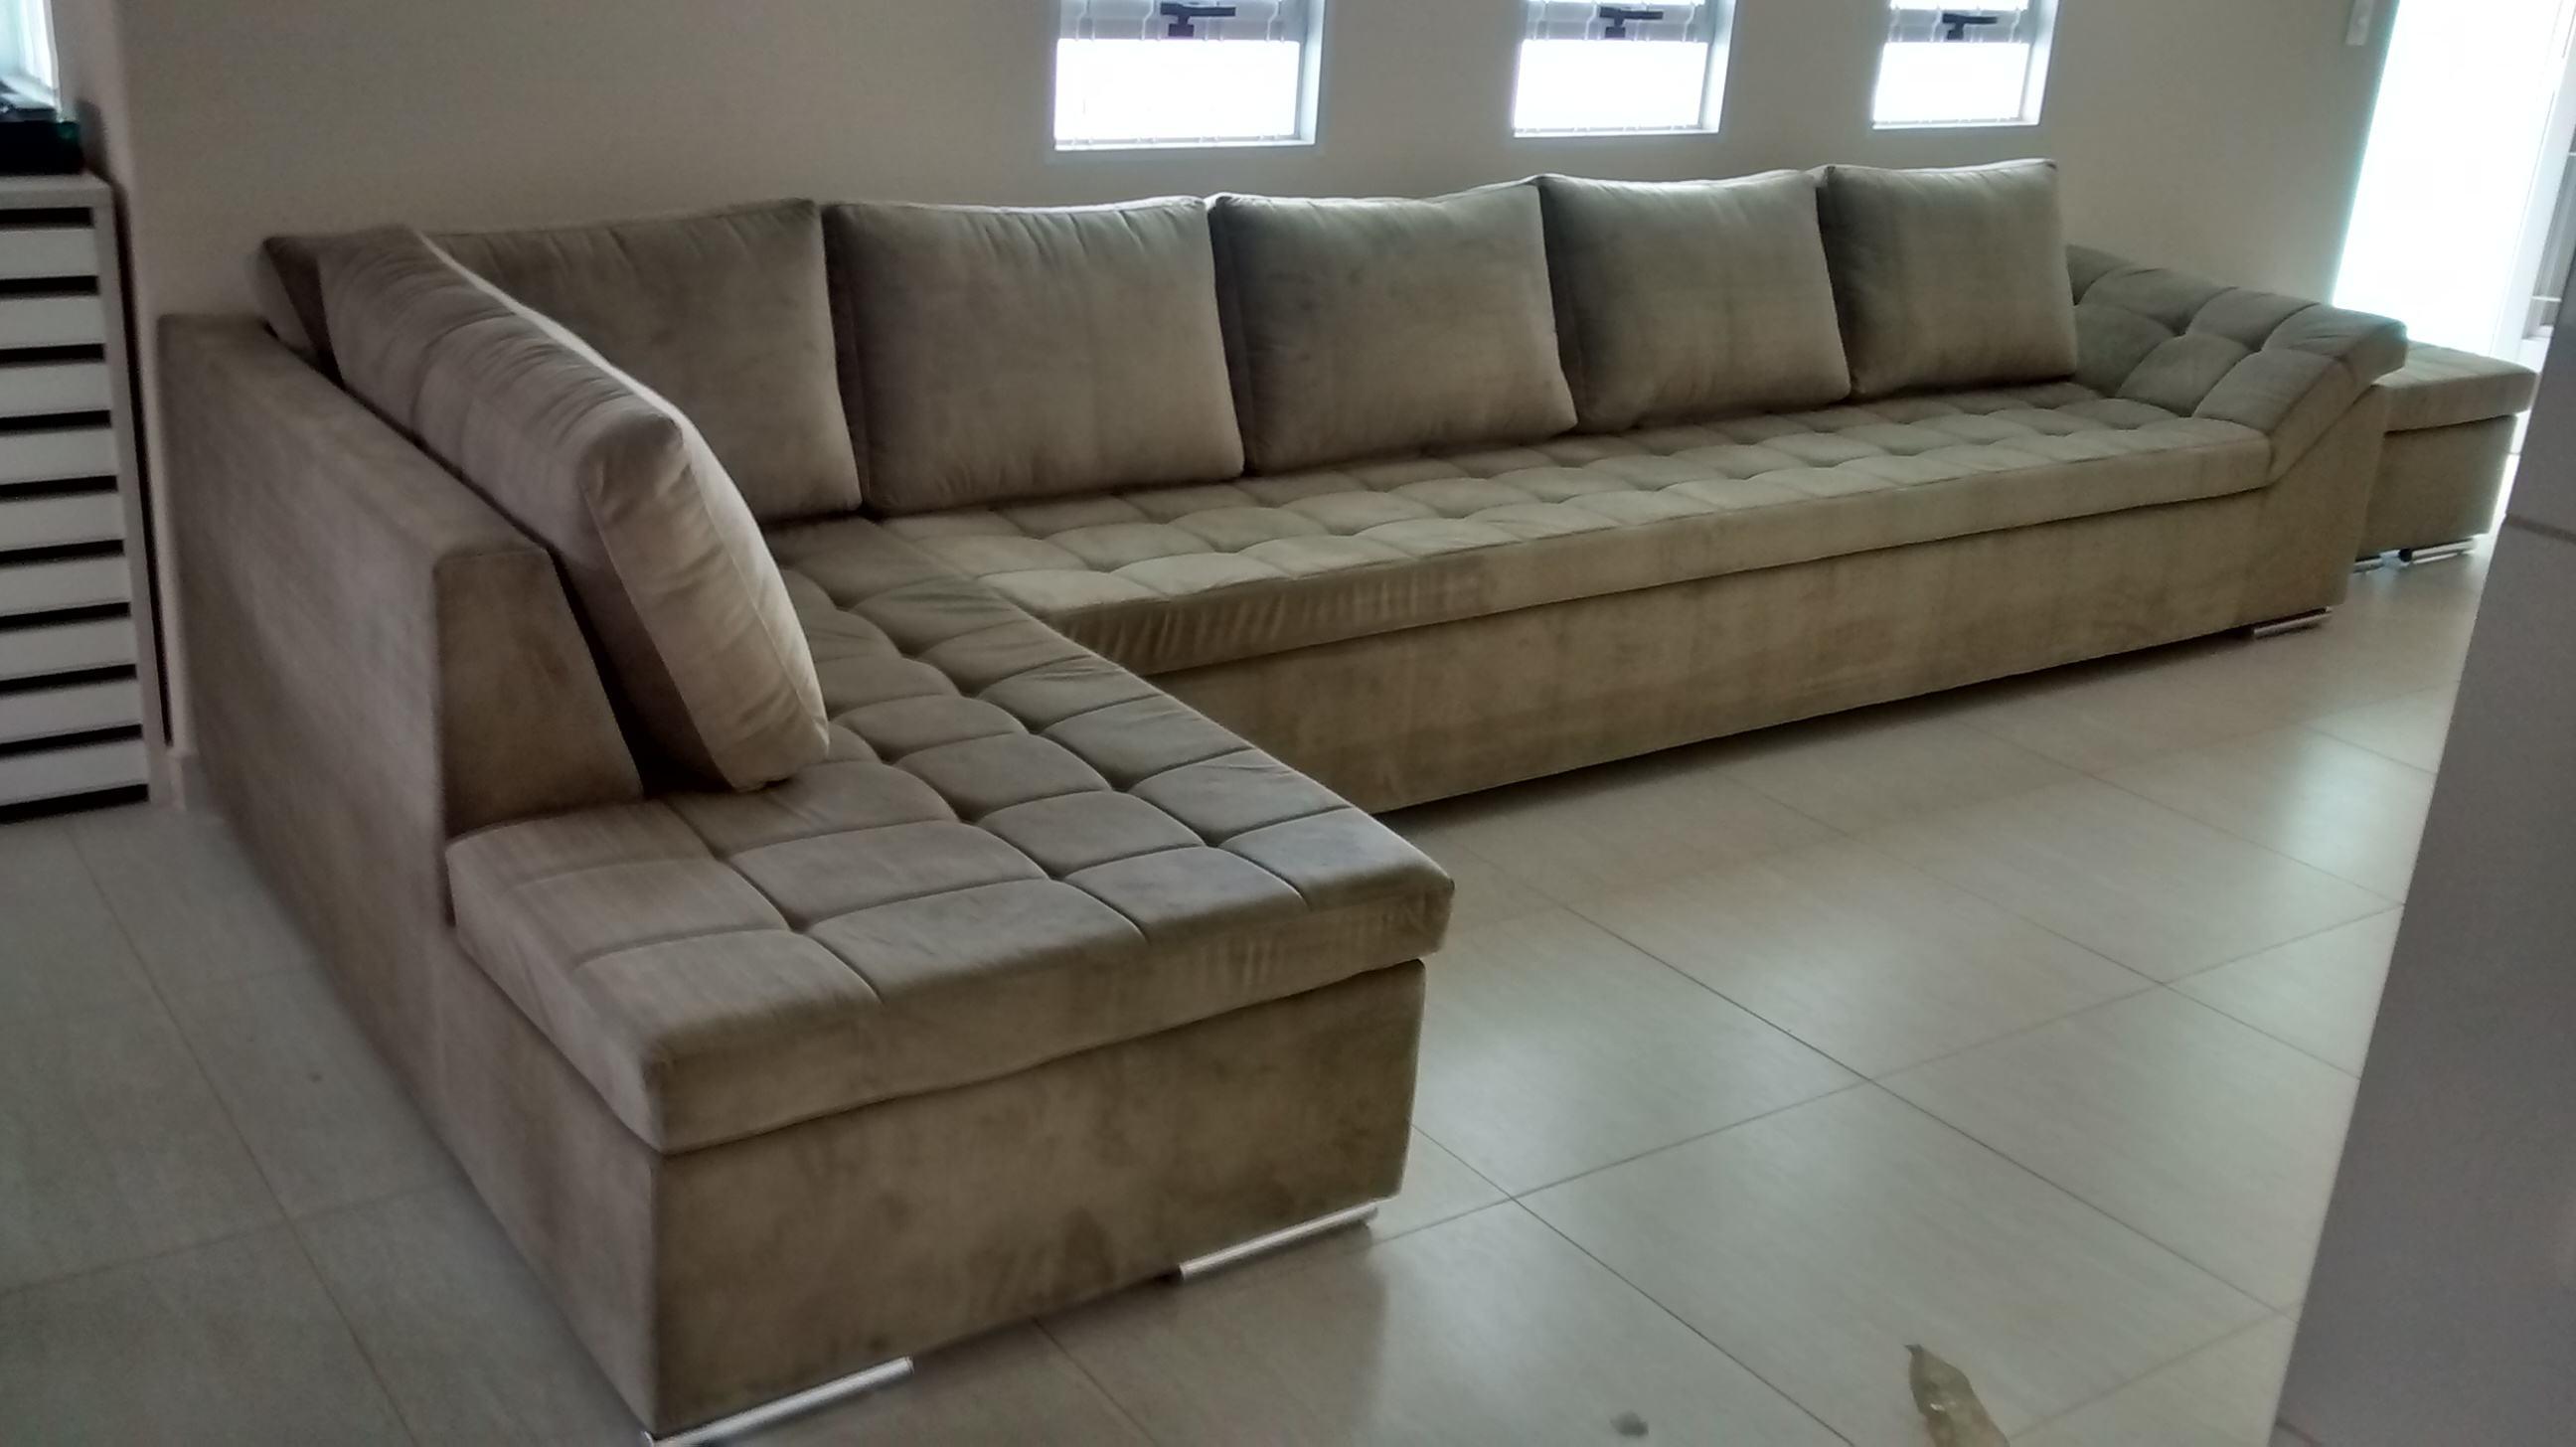 Sof de canto moderno muitas alternativas pra sala jet - Modelos de sofas modernos ...